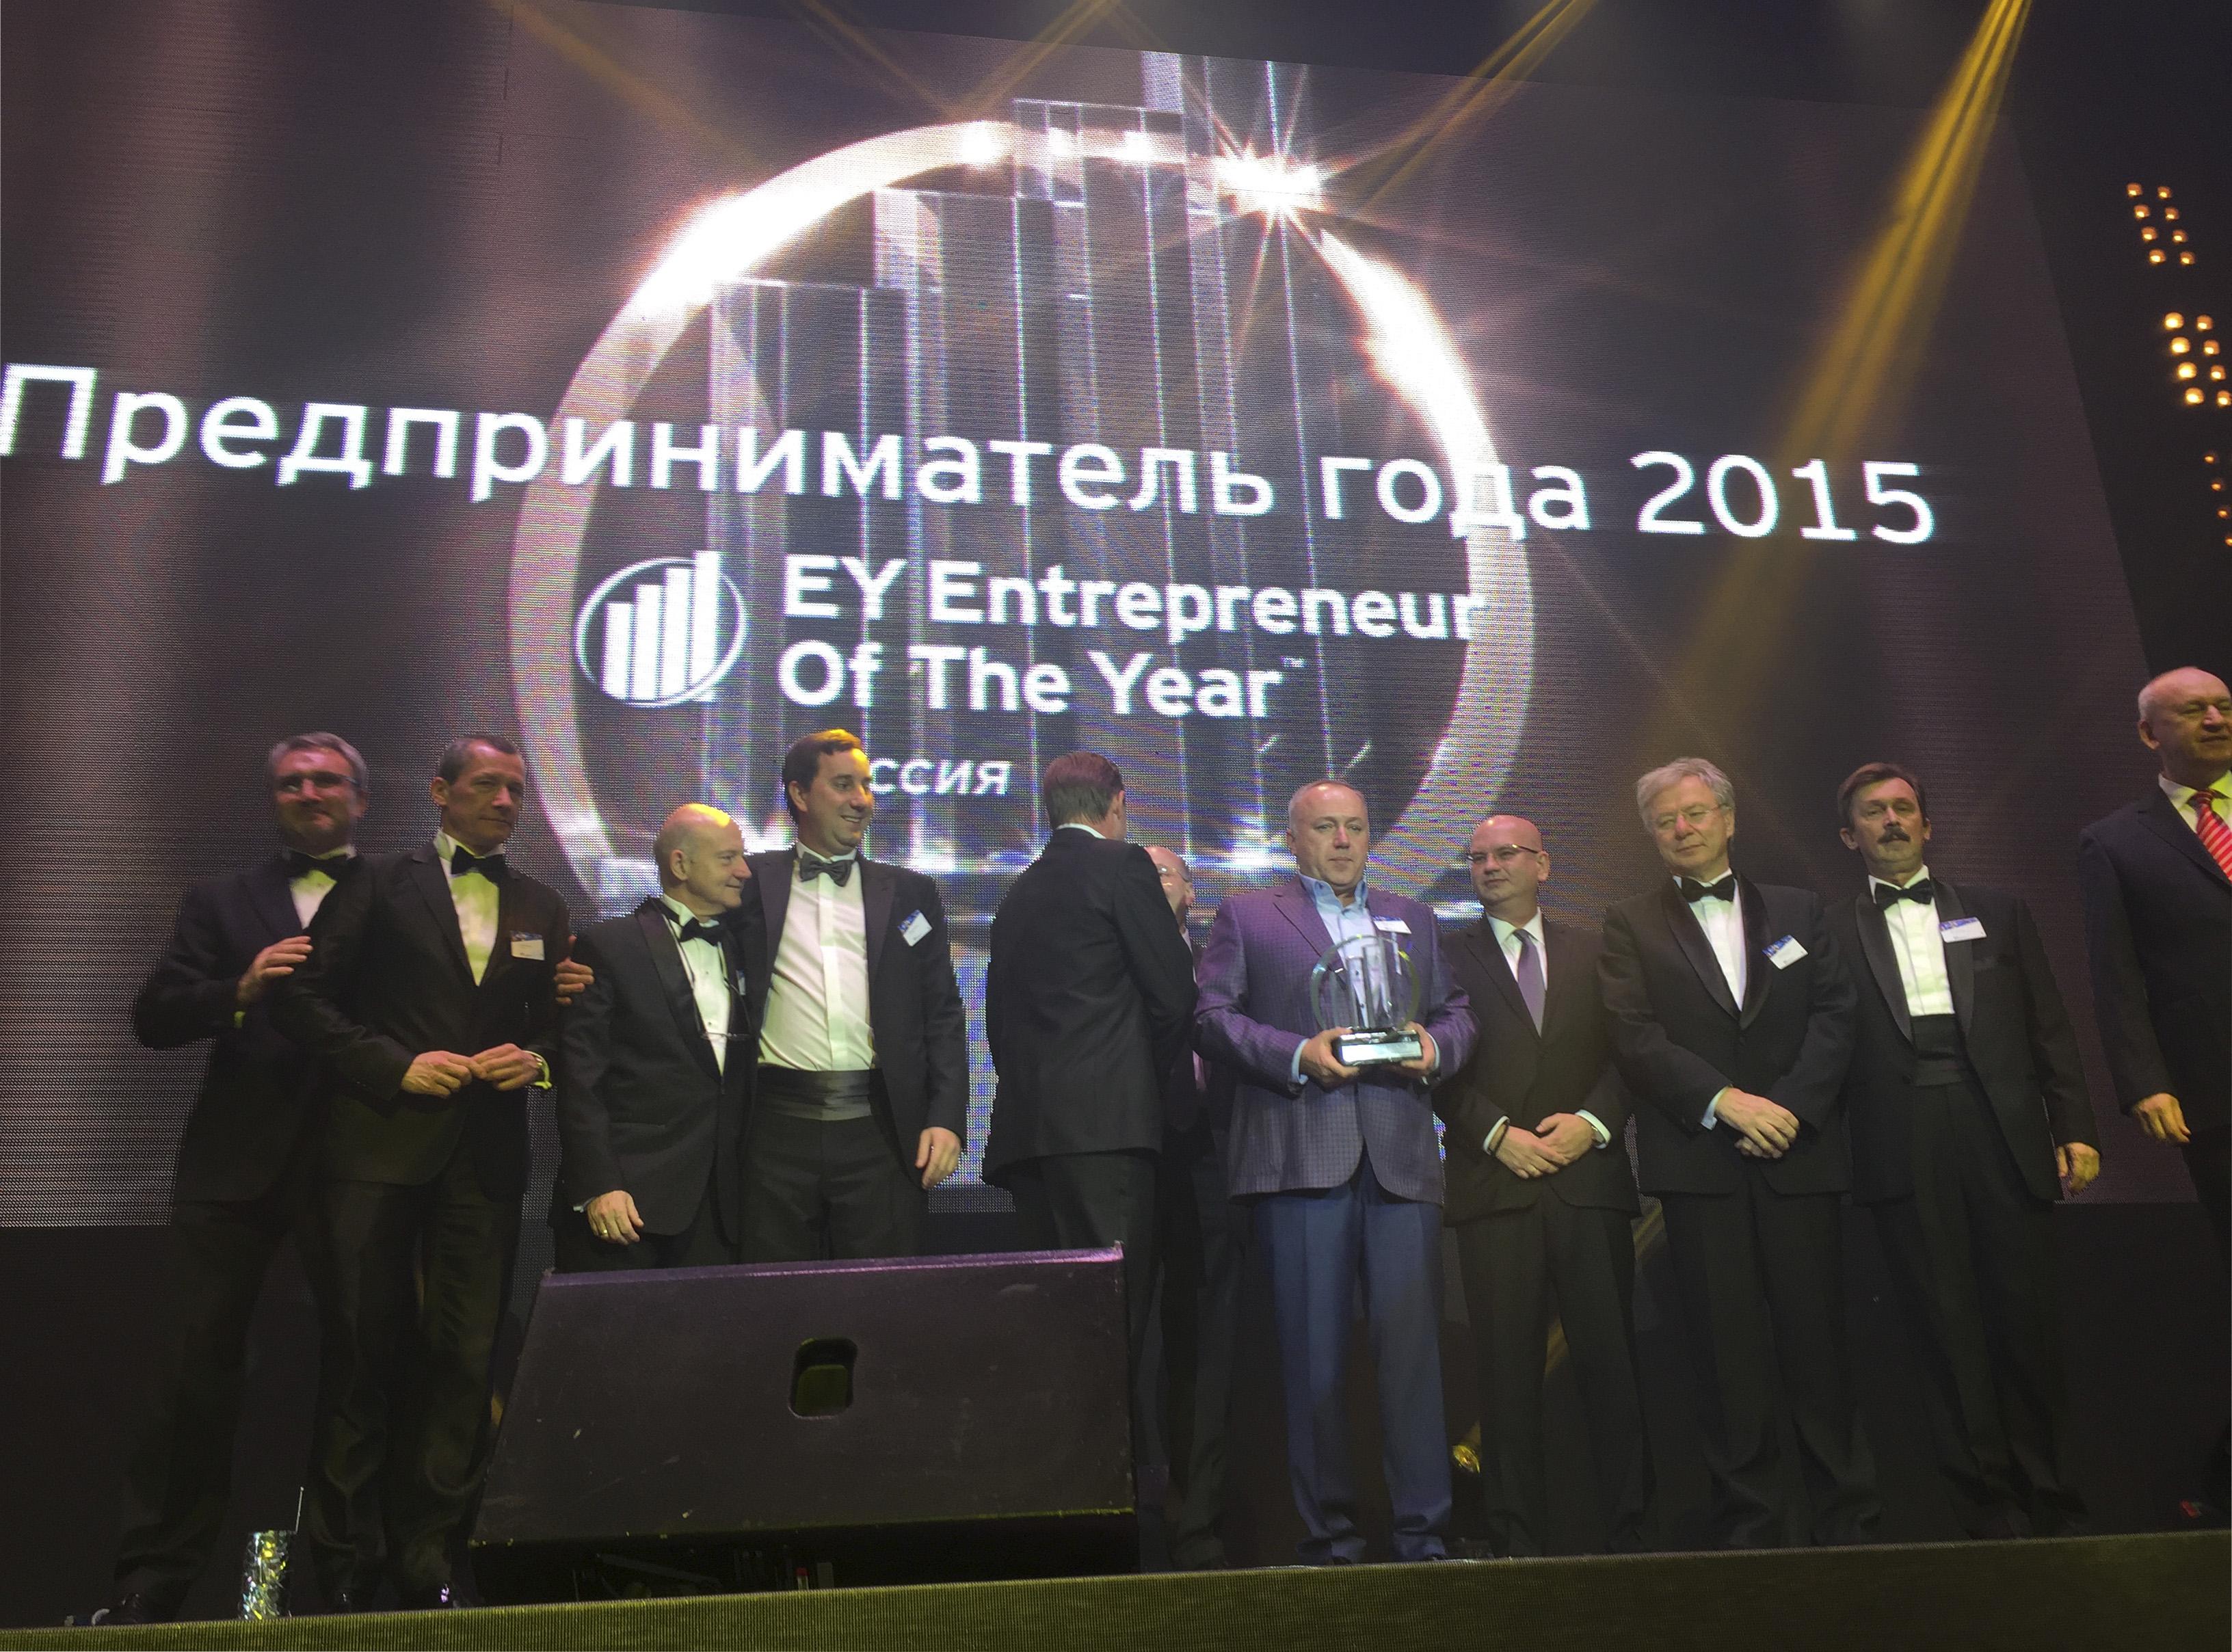 Члены жюри конкурса предприниматель года